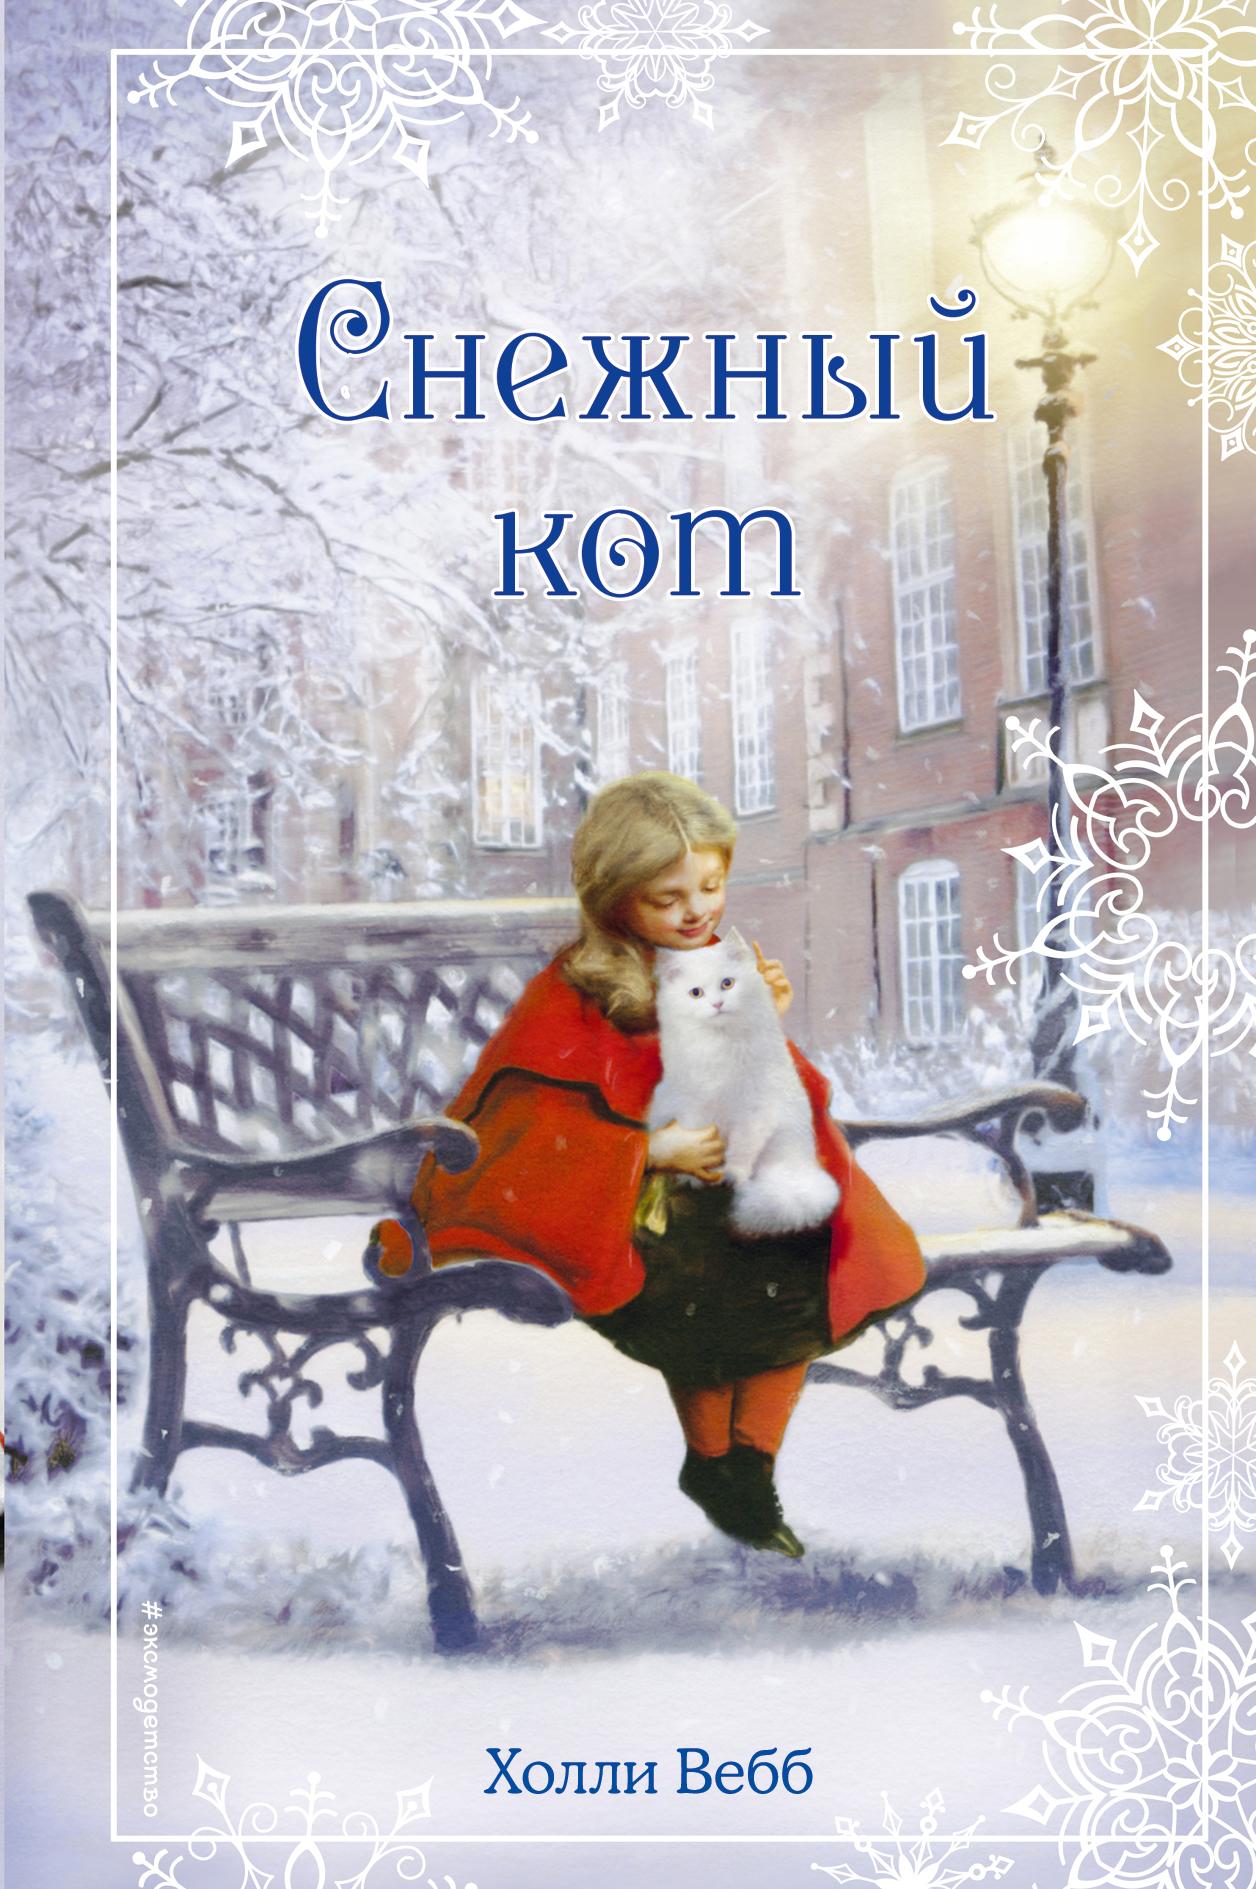 купить Холли Вебб Рождественские истории. Снежный кот по цене 149 рублей